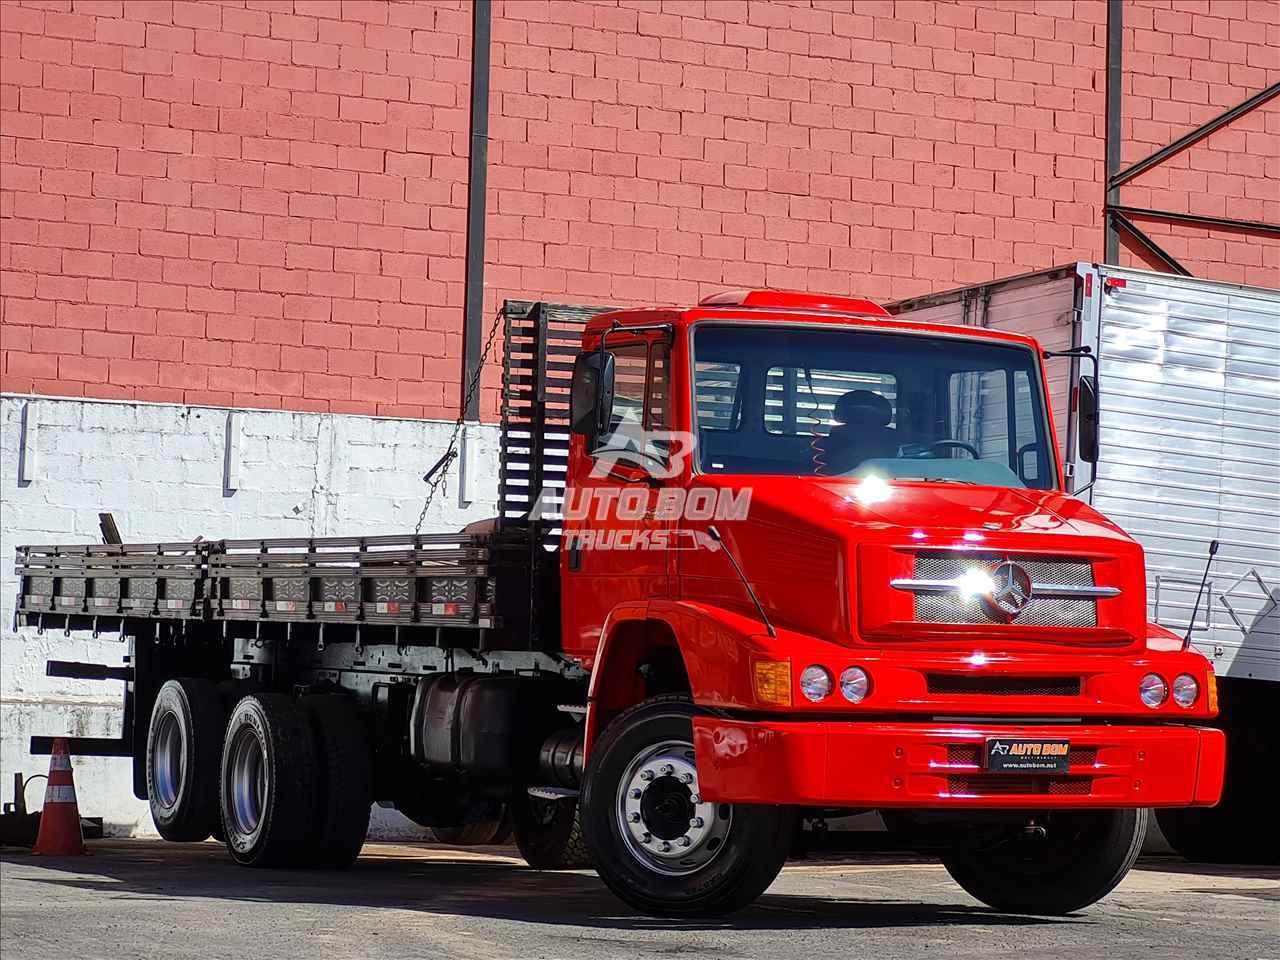 MB 1620 de Autobom Trucks - CONTAGEM/MG